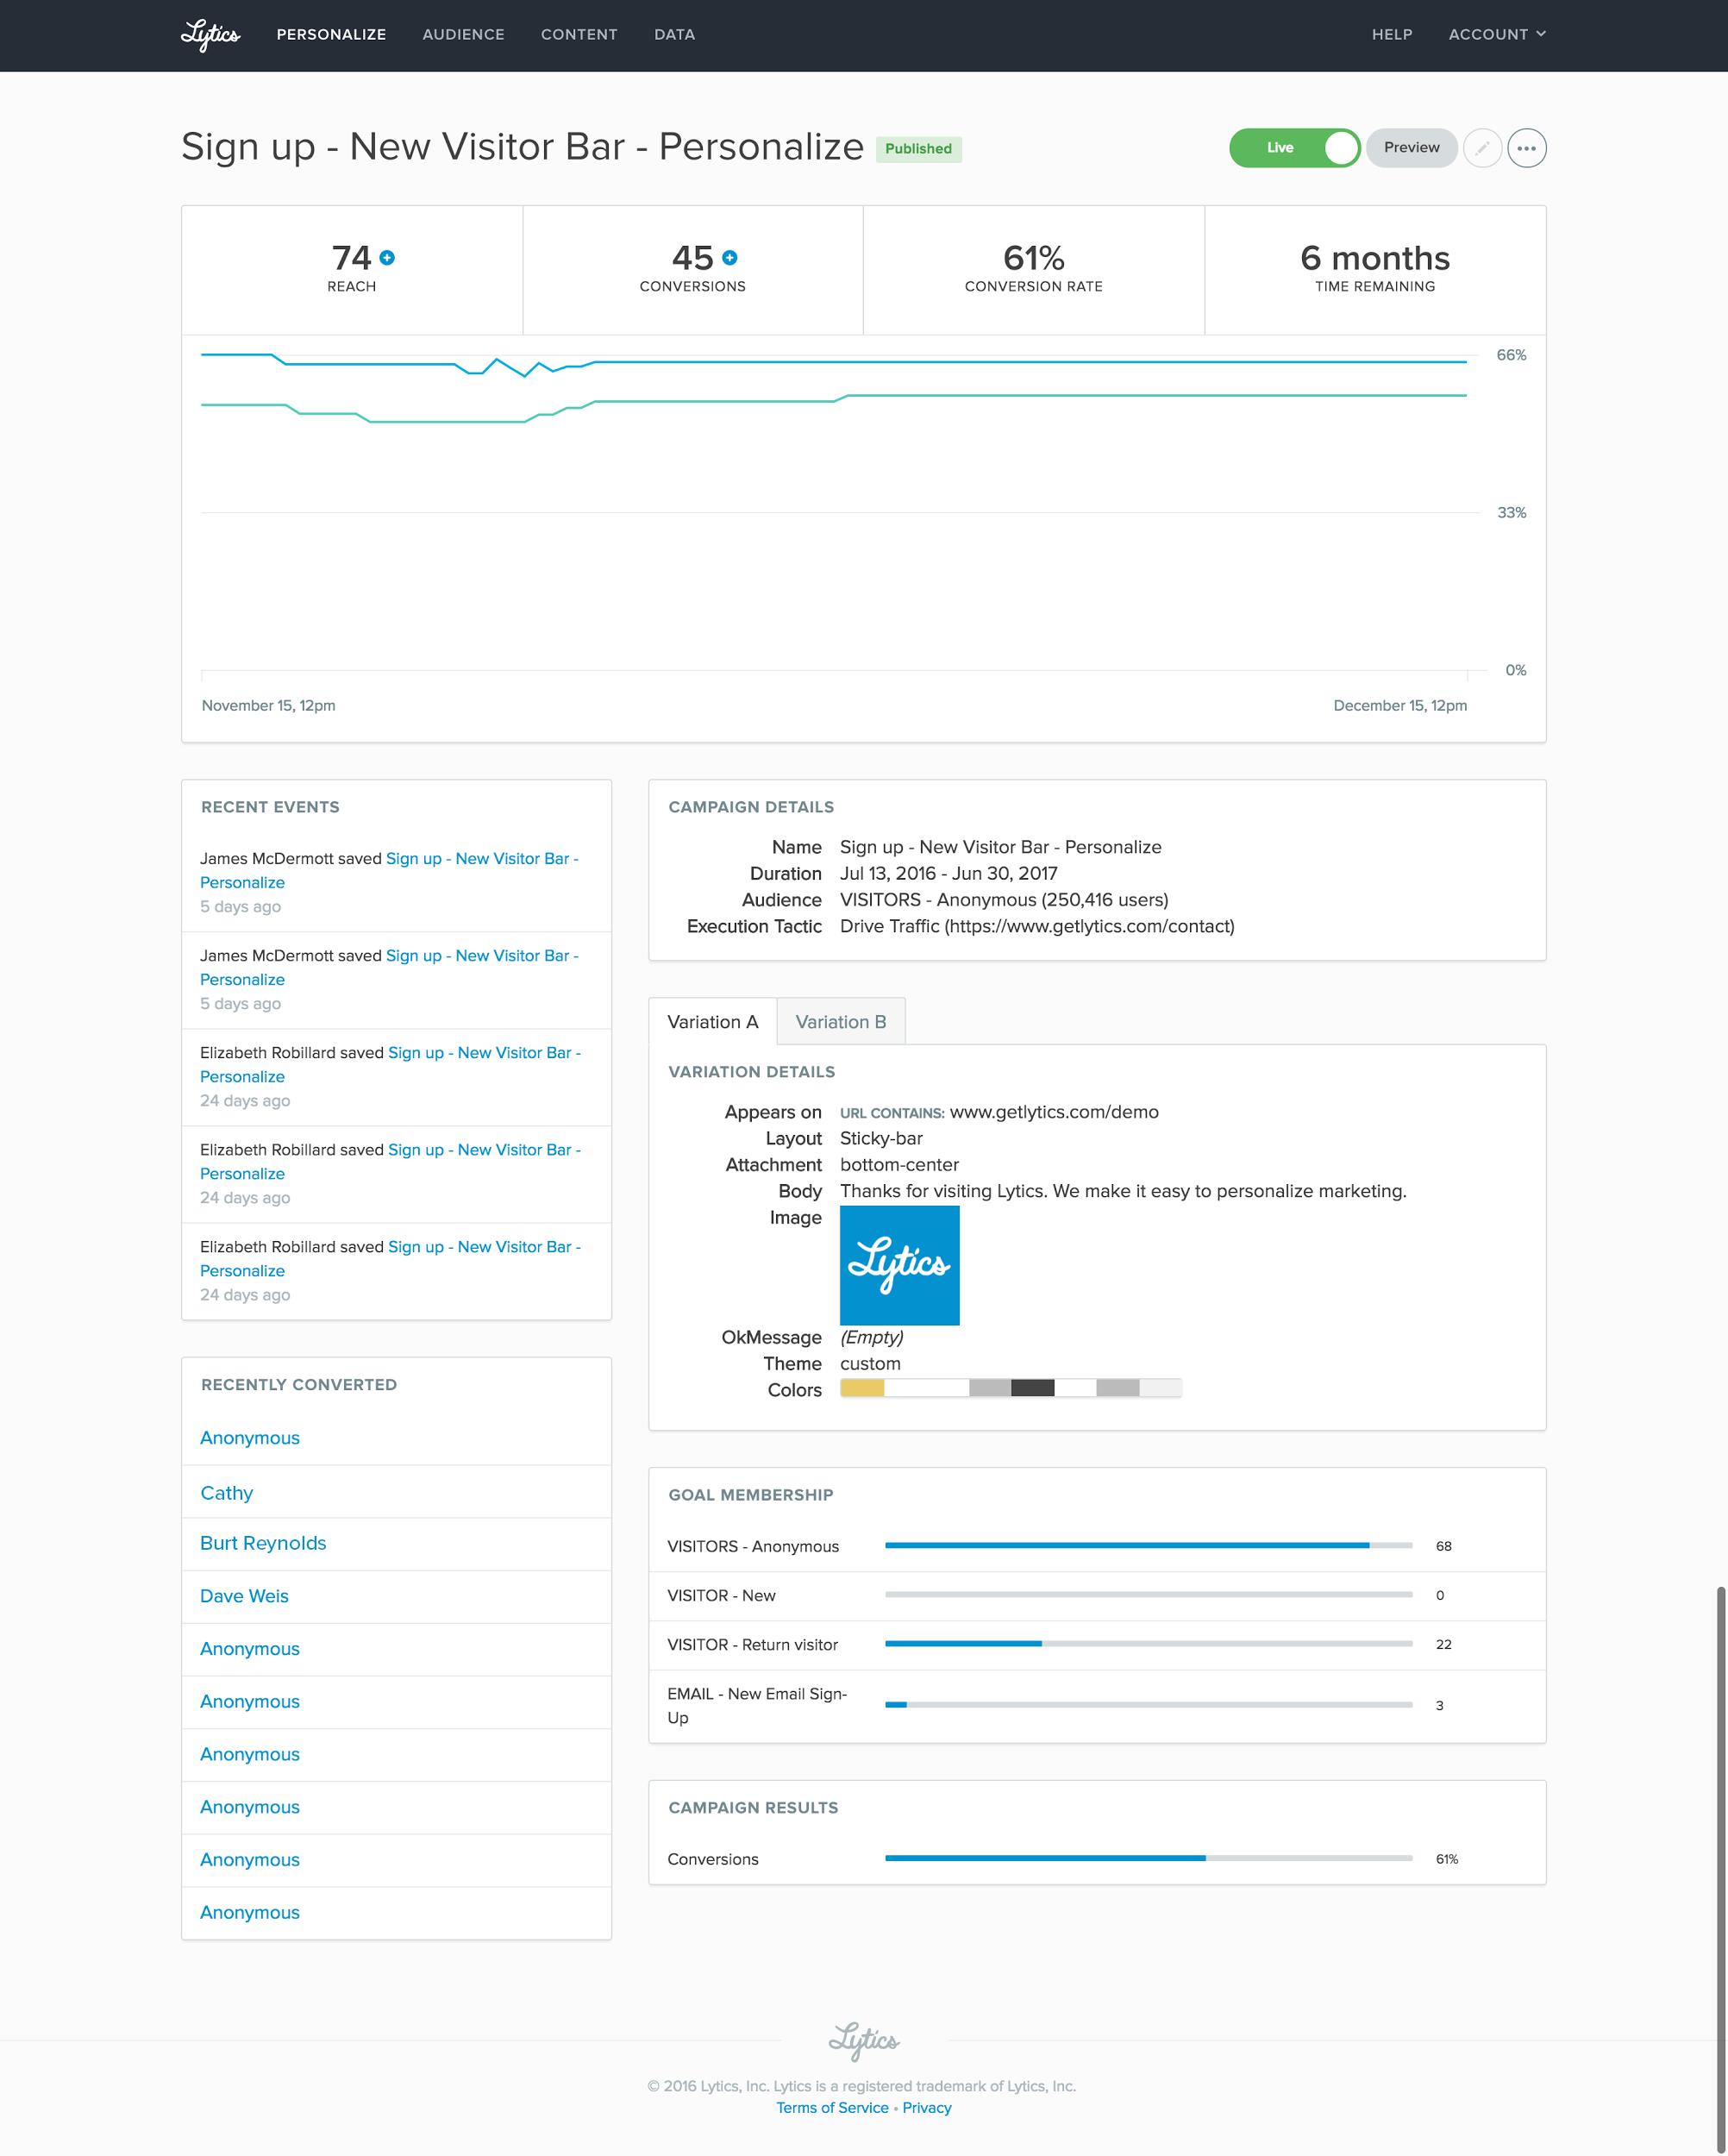 Personalization campaign report